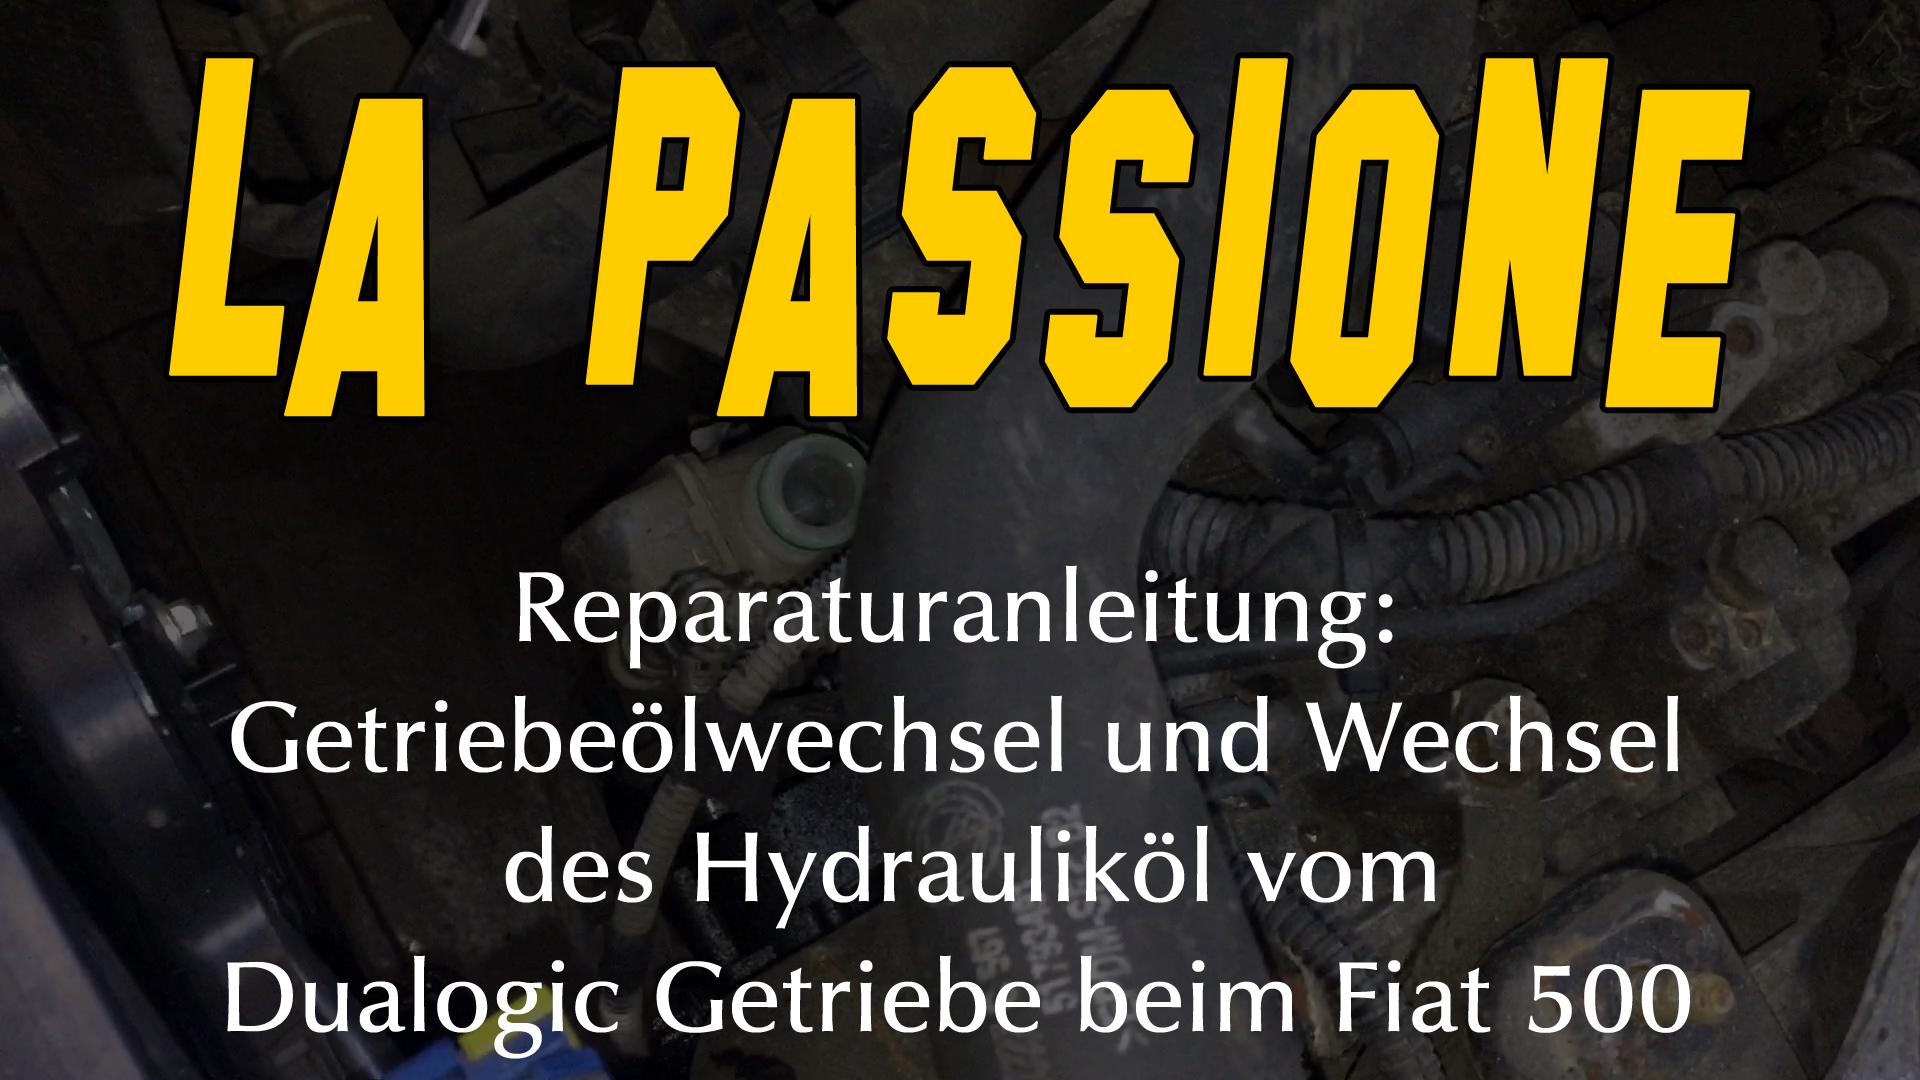 Getriebeölwechsel und Wechsel des Hydrauliköl vom Dualogic Getriebe beim Fiat 500